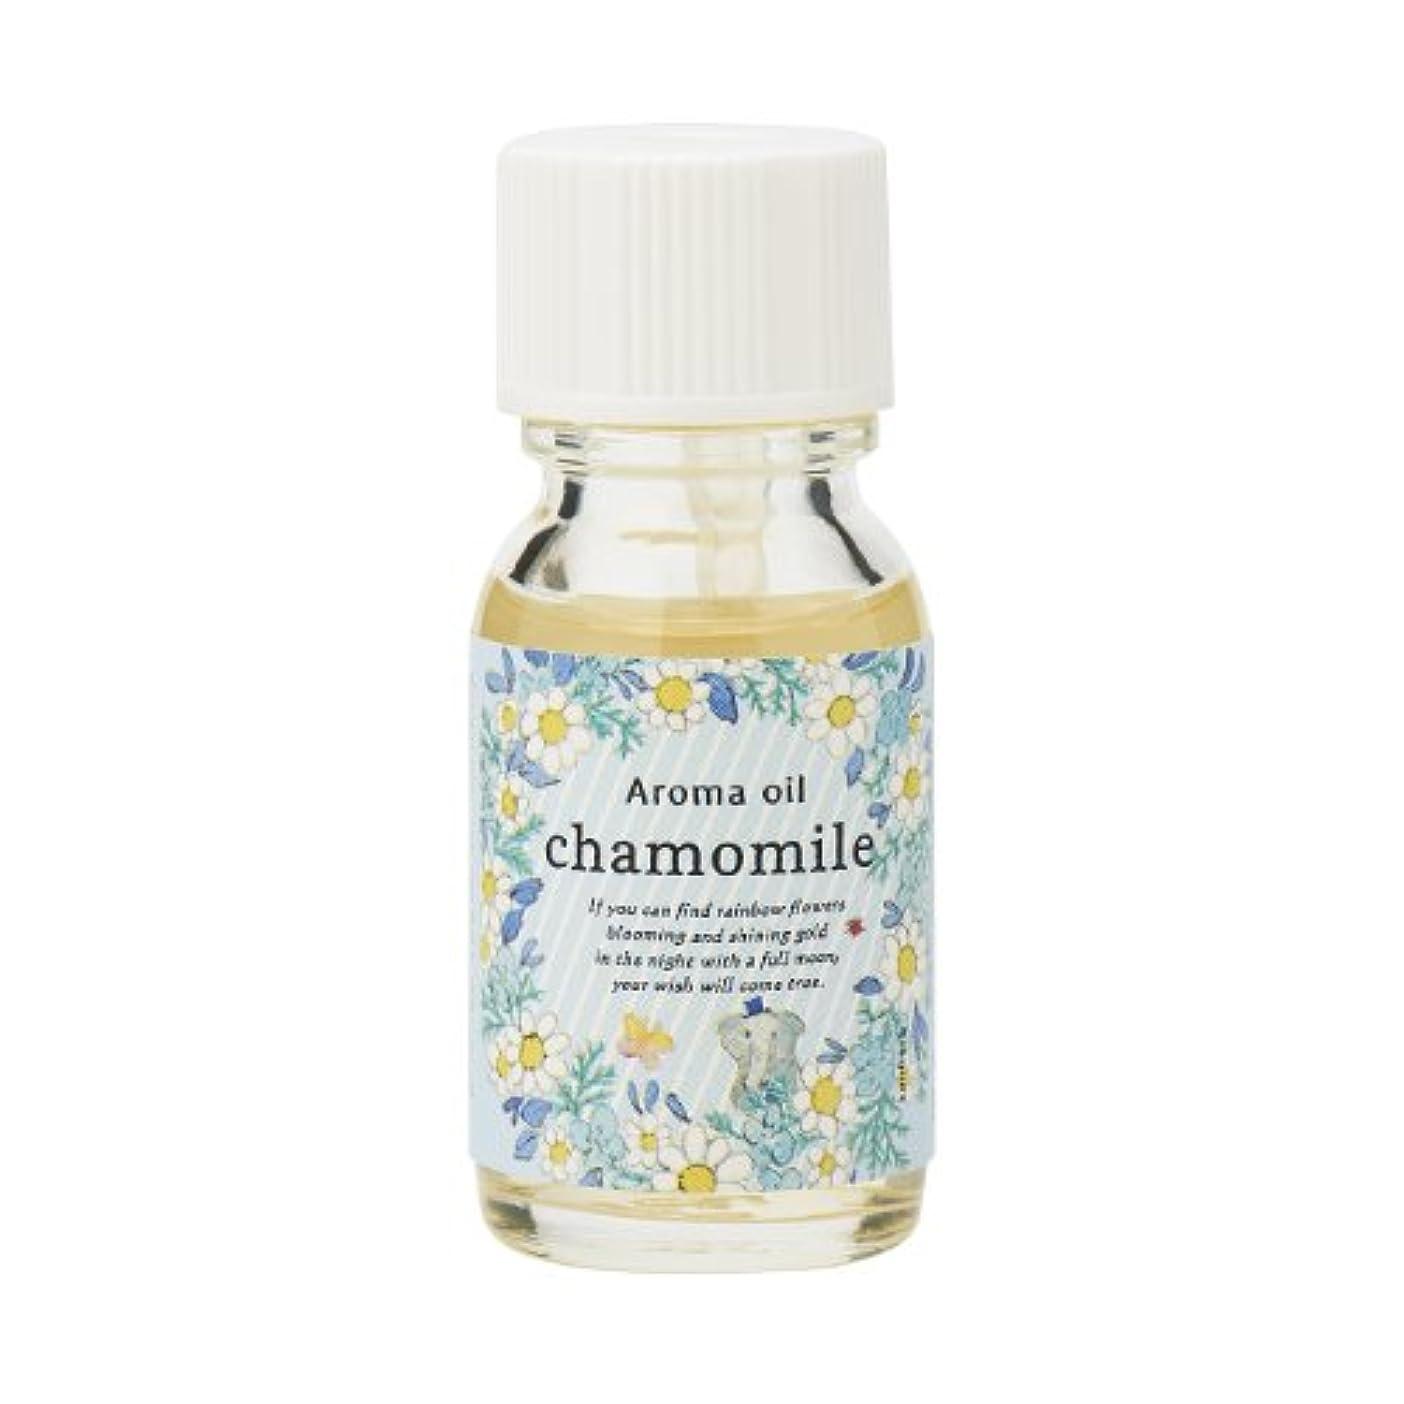 特に出来事チャンスサンハーブ アロマオイル カモマイル 13ml(やさしく穏やかな甘い香り)